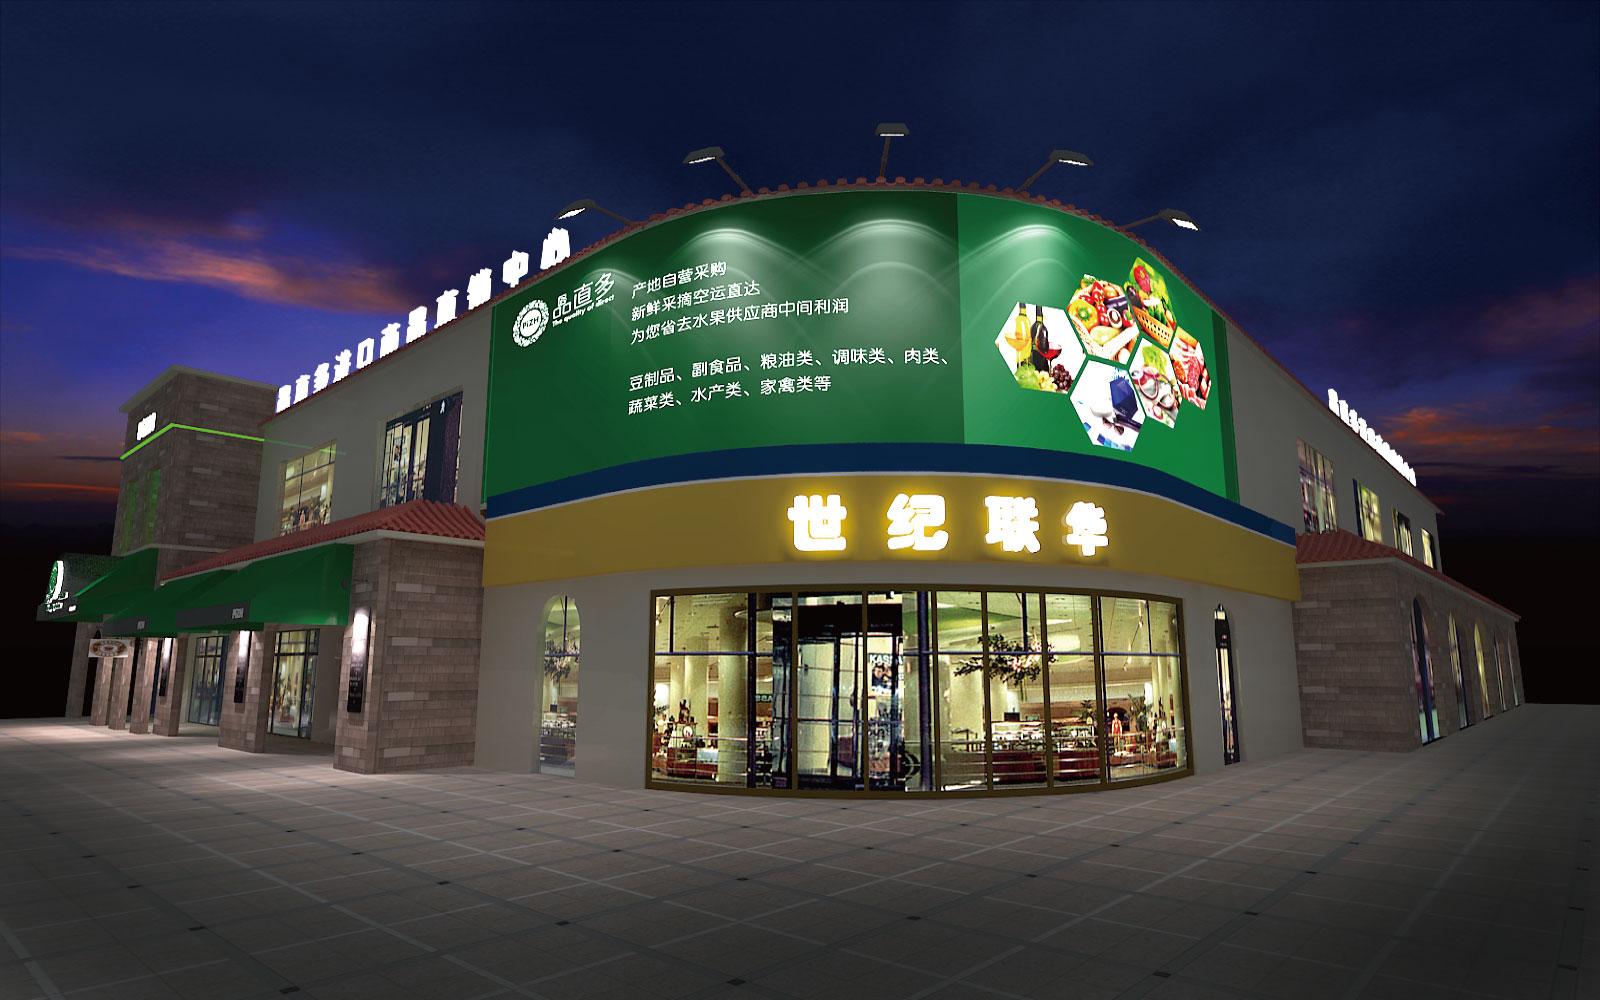 进行杭州企业形象设计时需要注意以下几点要素